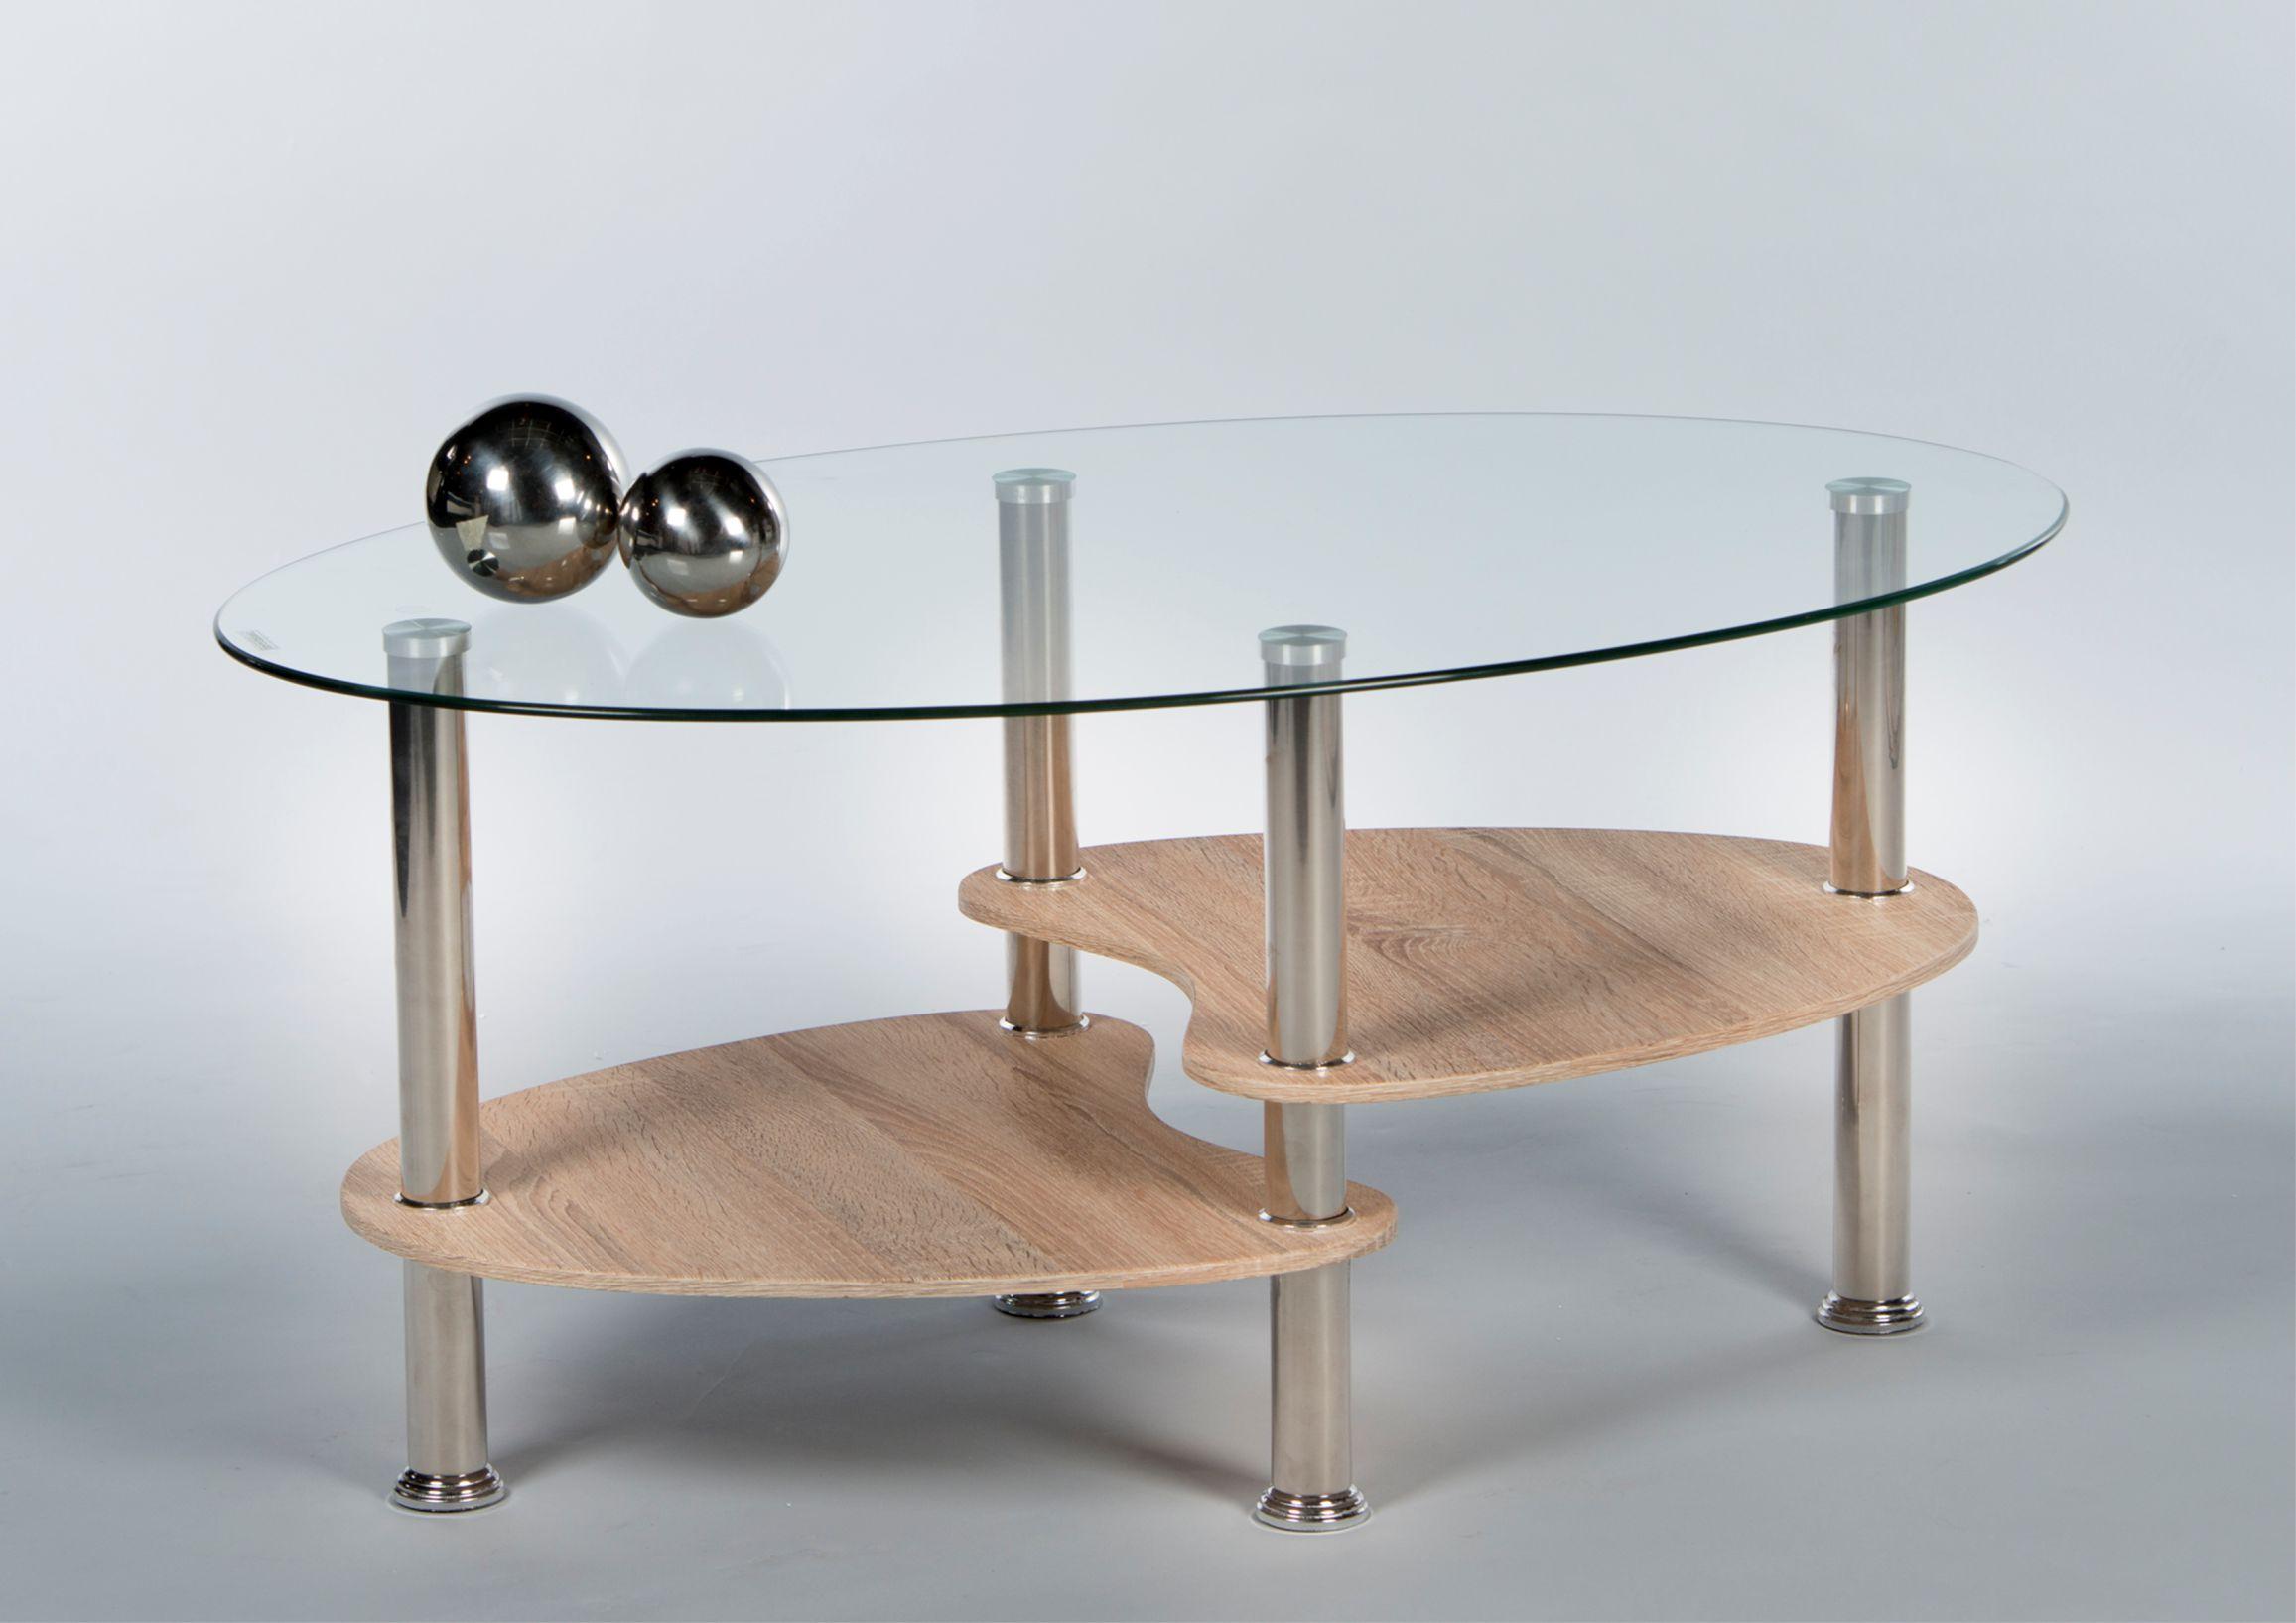 """Details zu Couchtisch """"PANTY"""" Beistelltisch Wohnzimmertisch Tisch Eiche Nb.  Glas oval 40cm"""